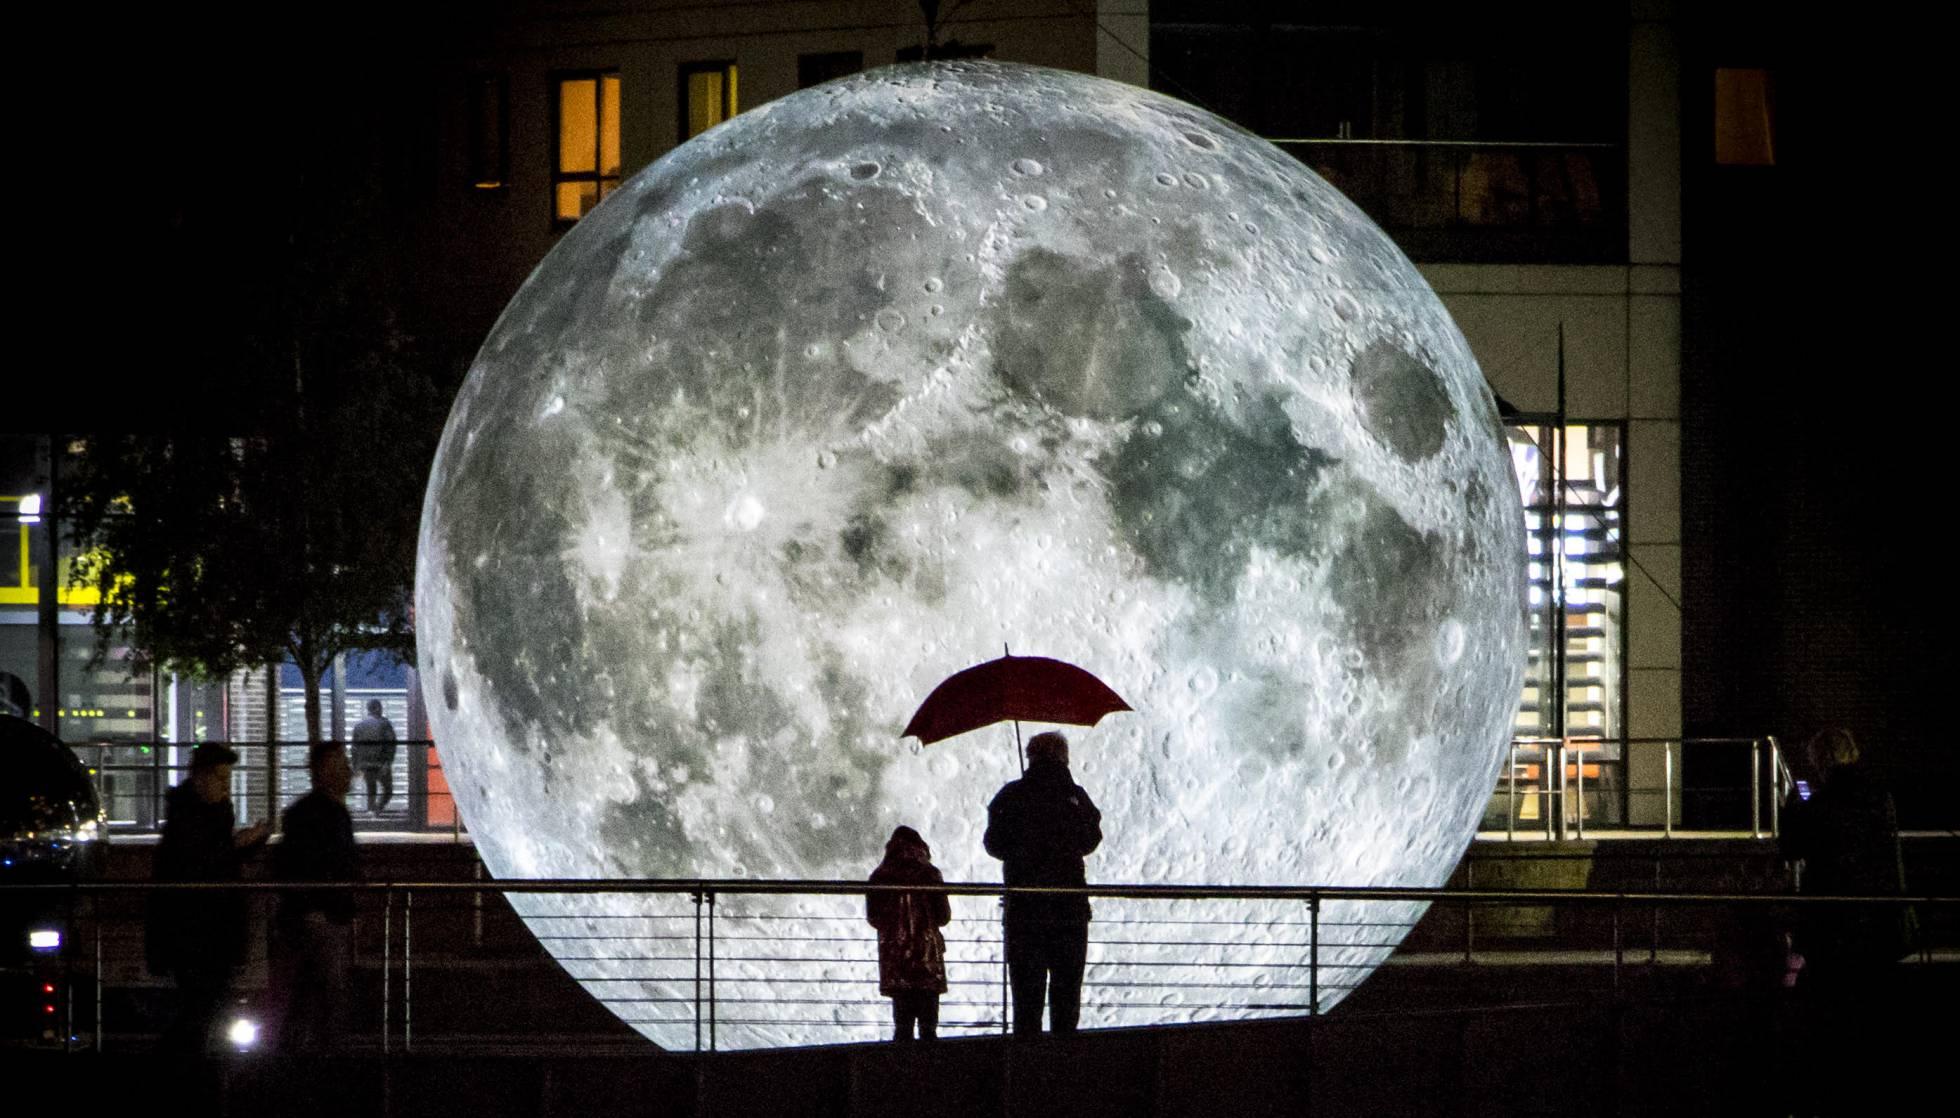 Район Poblenou в Барселоне наполняется световыми инсталляциями